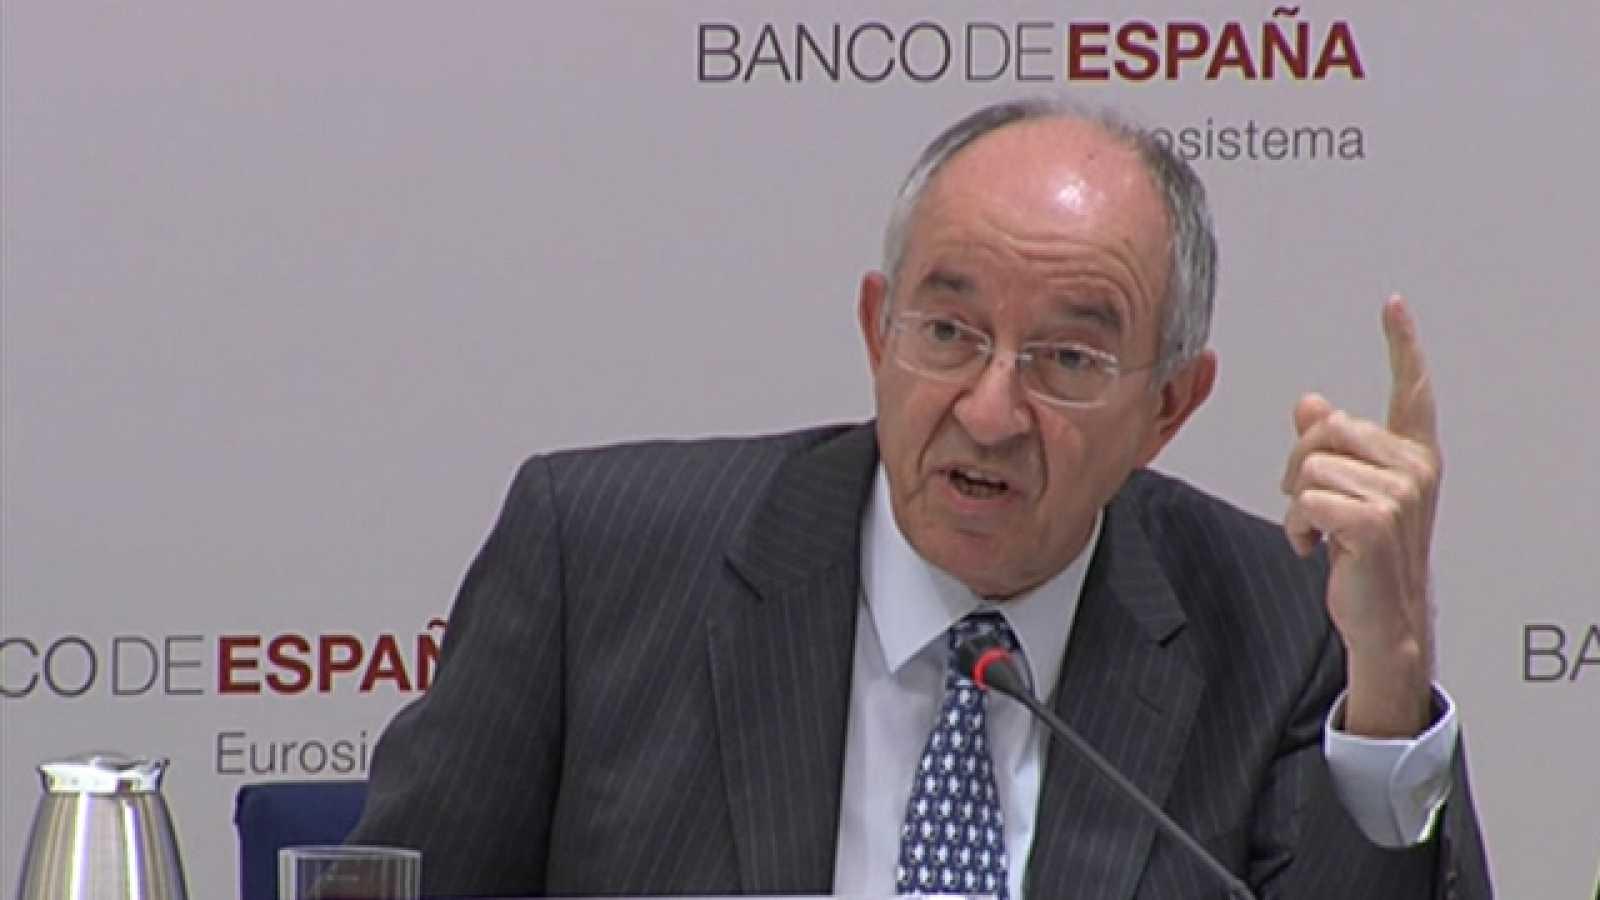 El Estado destina 7.551 millones de euros a recapitalizar y sanear las cajas de ahorro